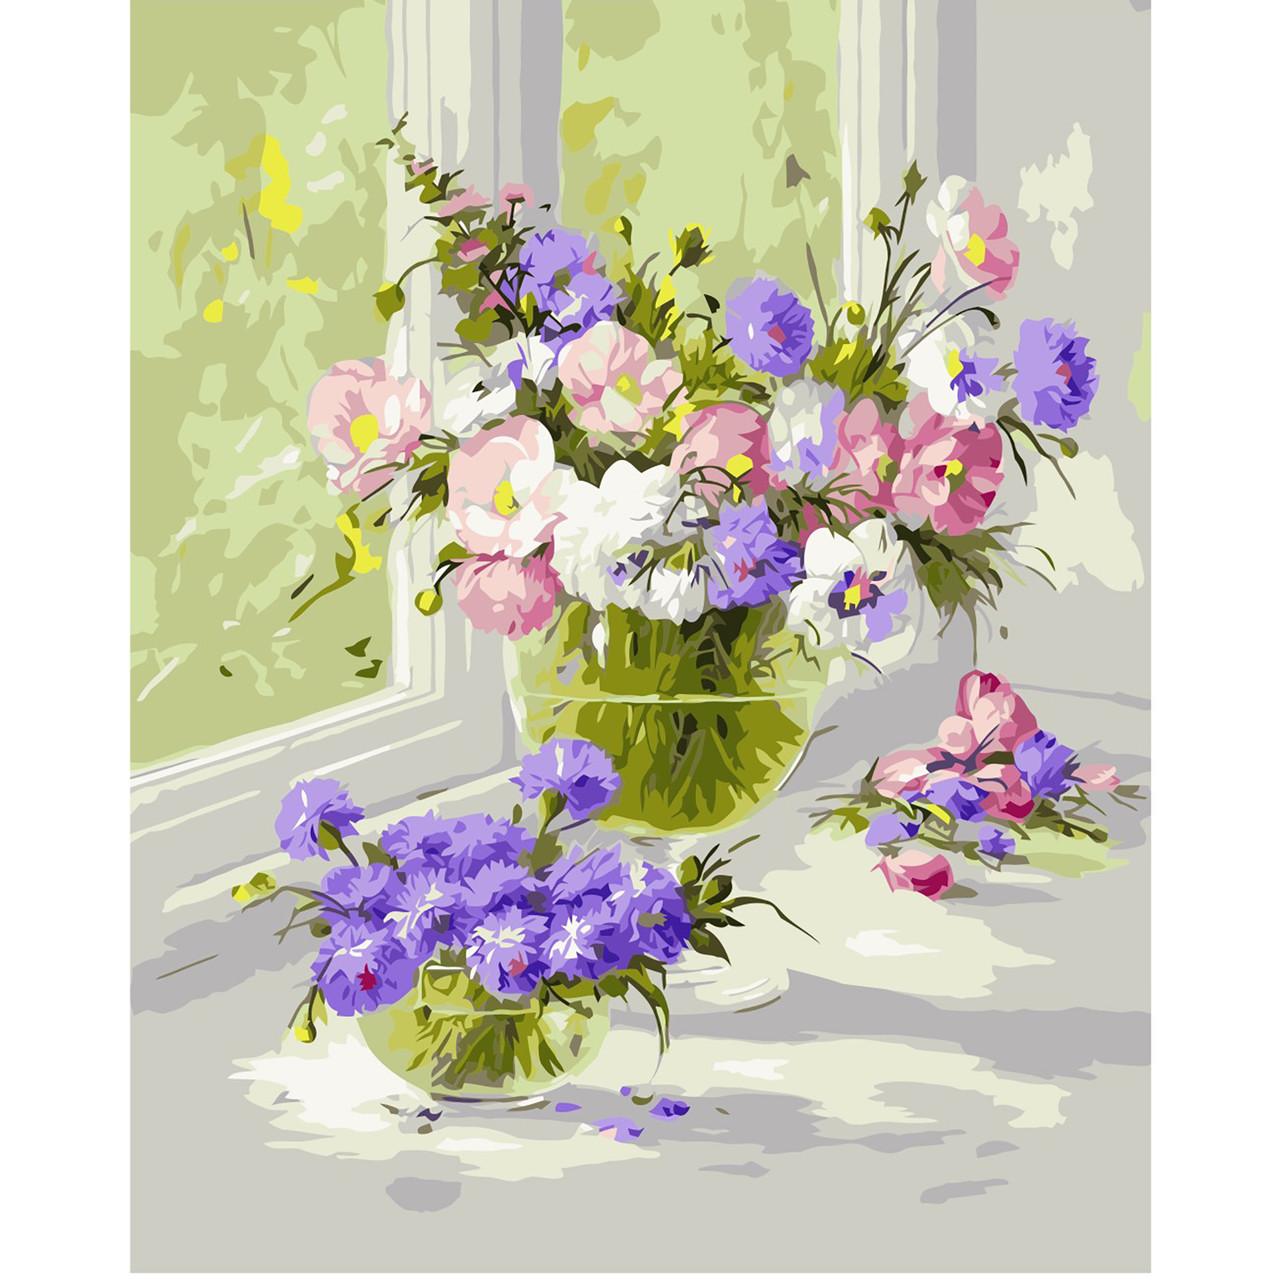 Картина по номерам VA-0275 Нежные цветы, 40х50 см Strateg